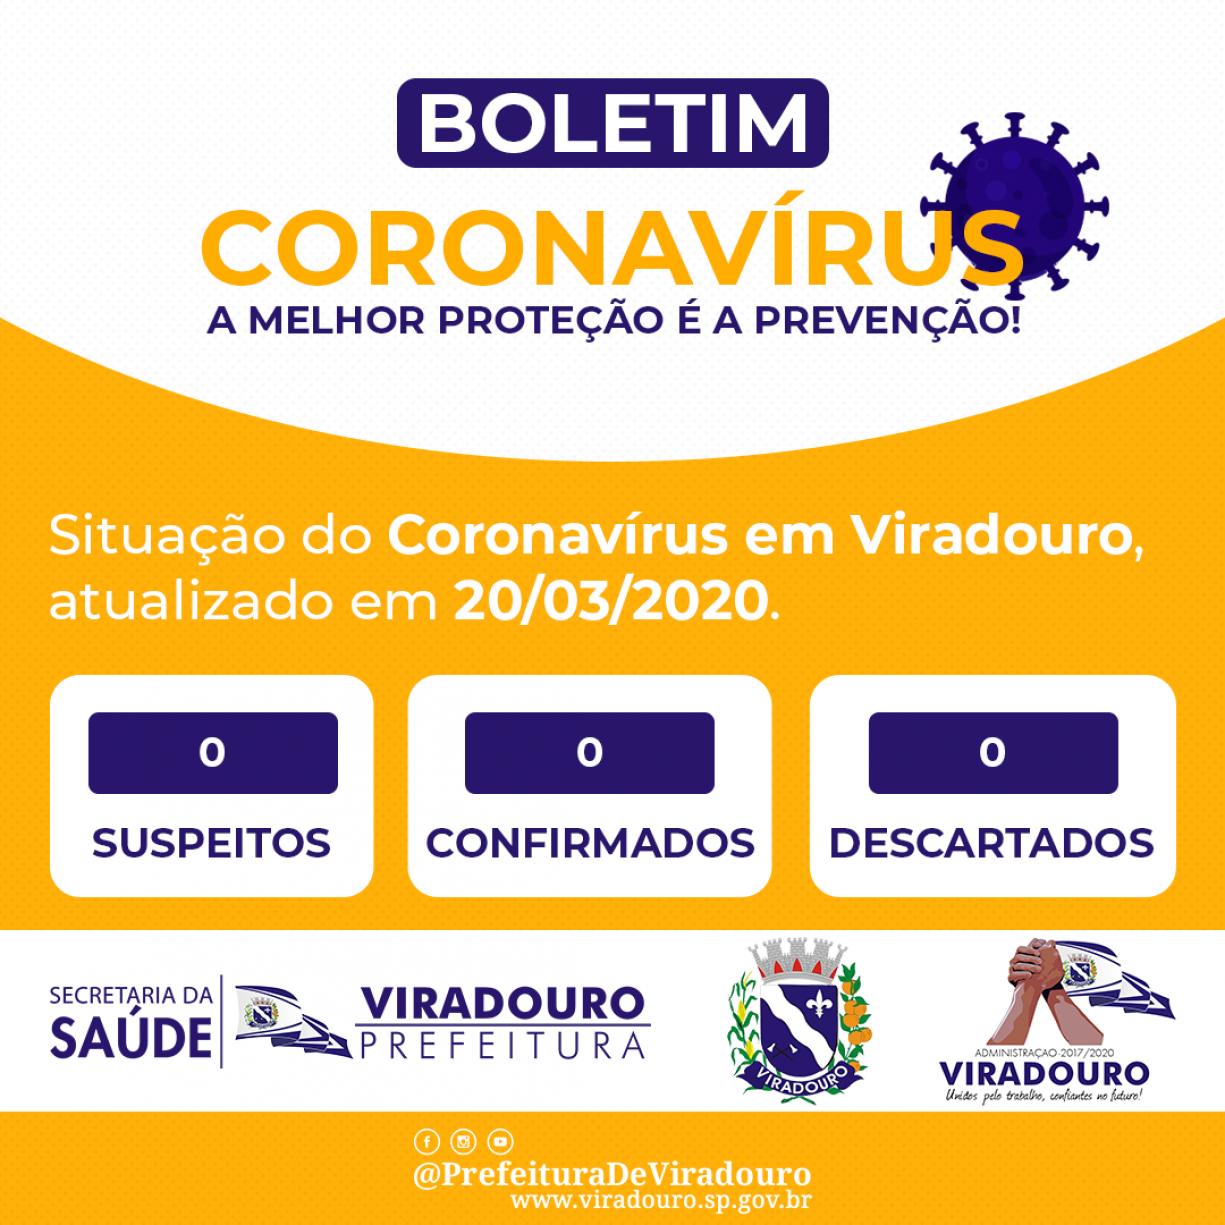 Boletim Informativo Coronavírus em Viradouro (Atualização - 20/03/2020)